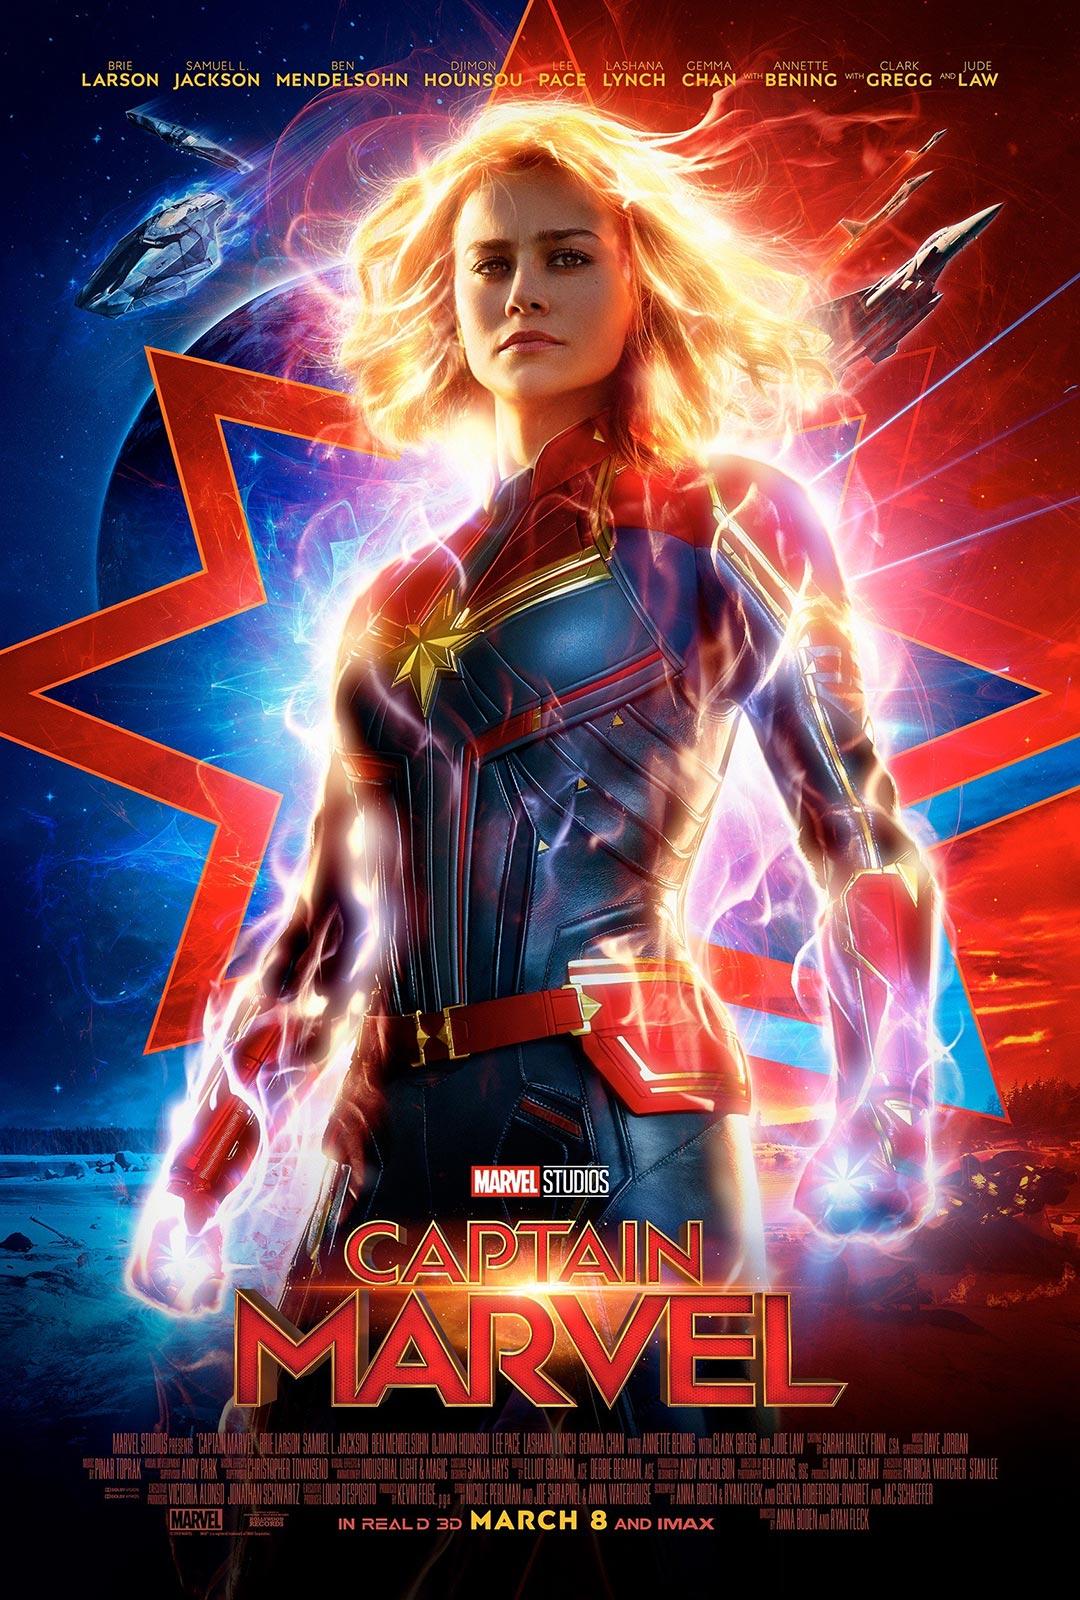 Captain Marvel 2019 Full Movie Free Online